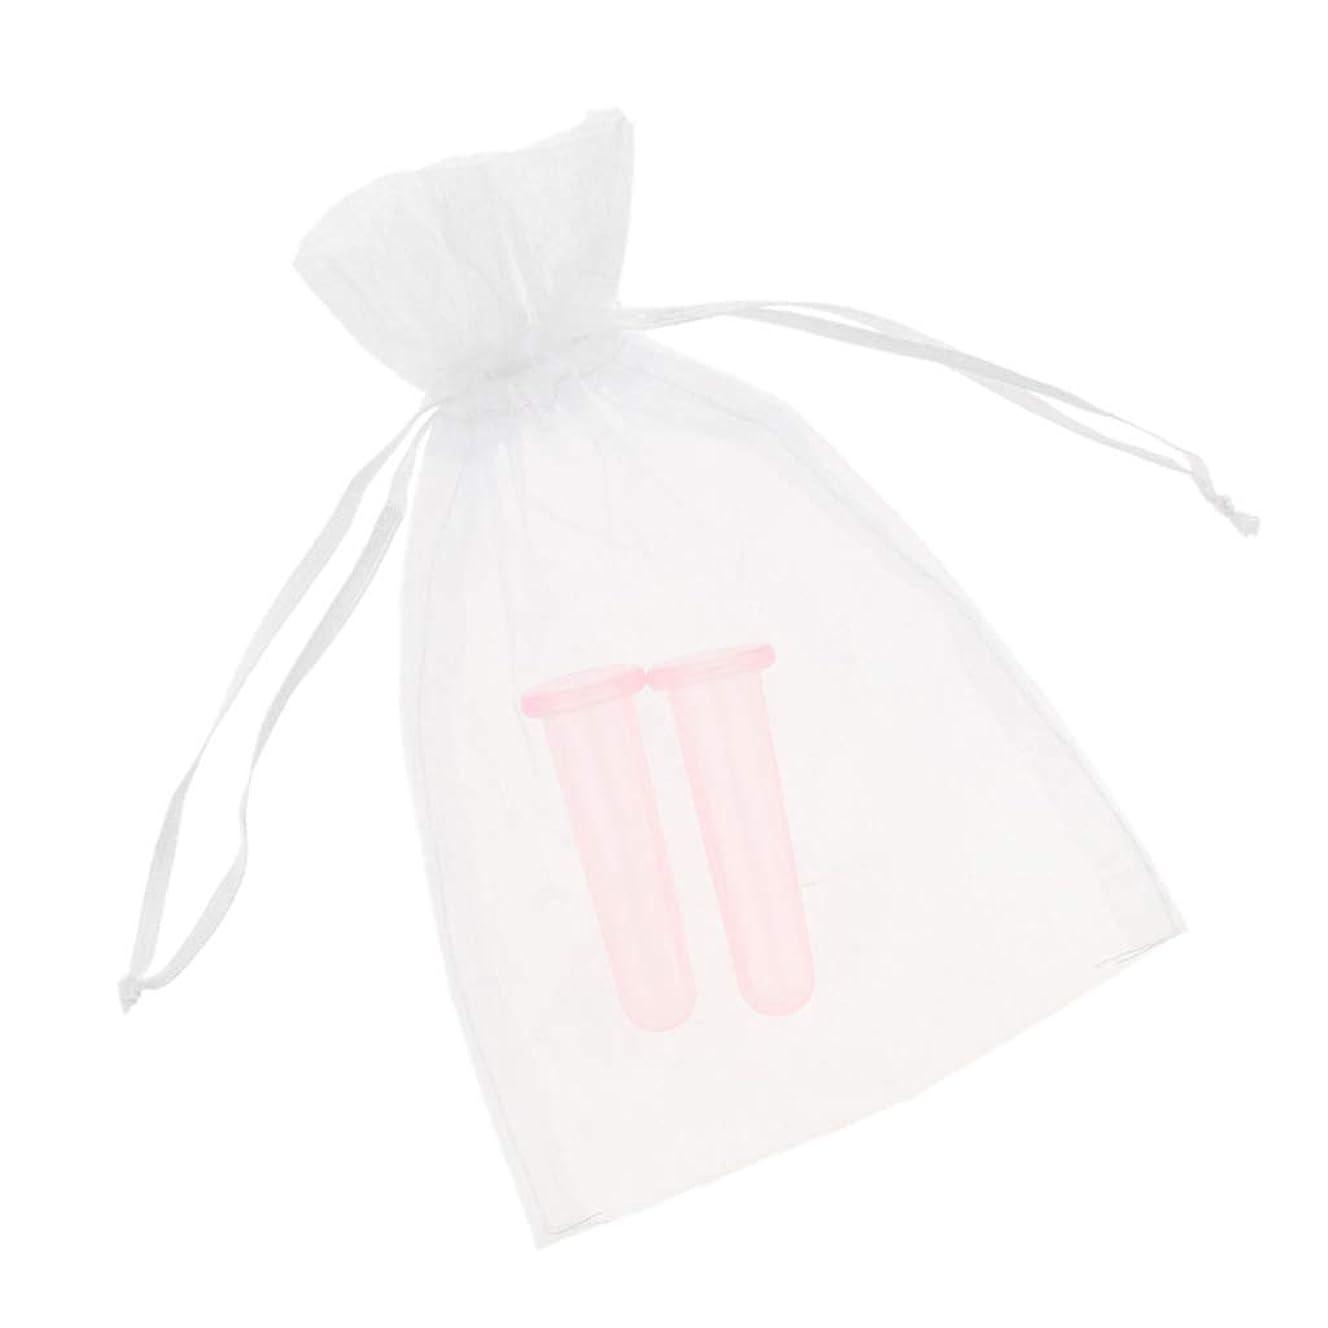 モンクしてはいけませんなめるFLAMEER 2個 真空顔用 シリコーン マッサージカップ 吸い玉 マッサージ カッピング 収納ポーチ付き 全2色 - ピンク